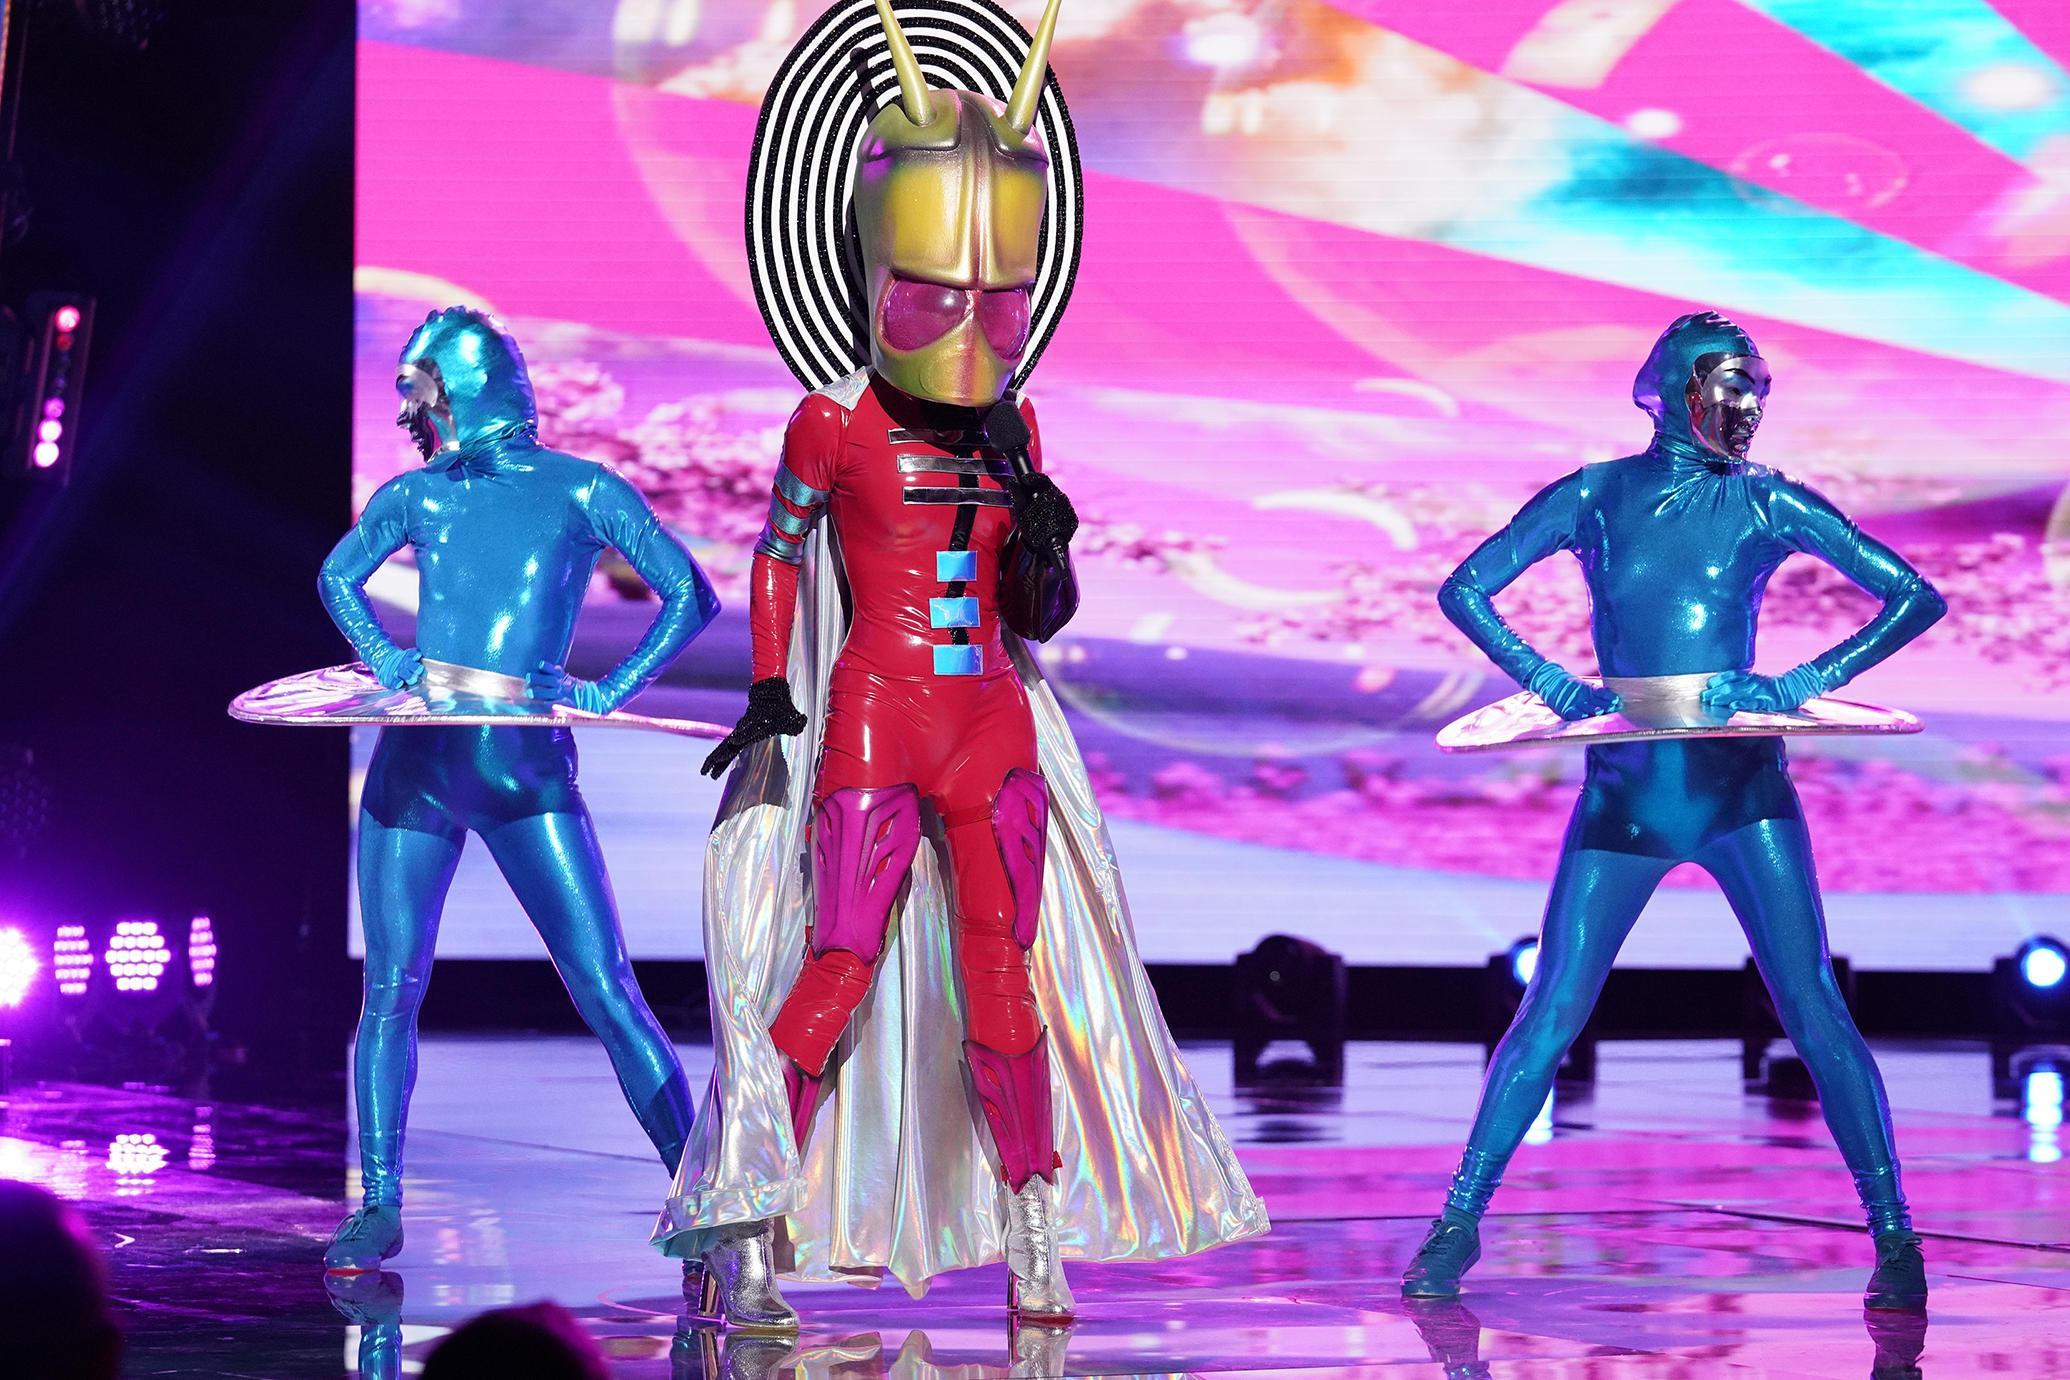 masked-singer-fox-1548956045421-1548956047616.jpg